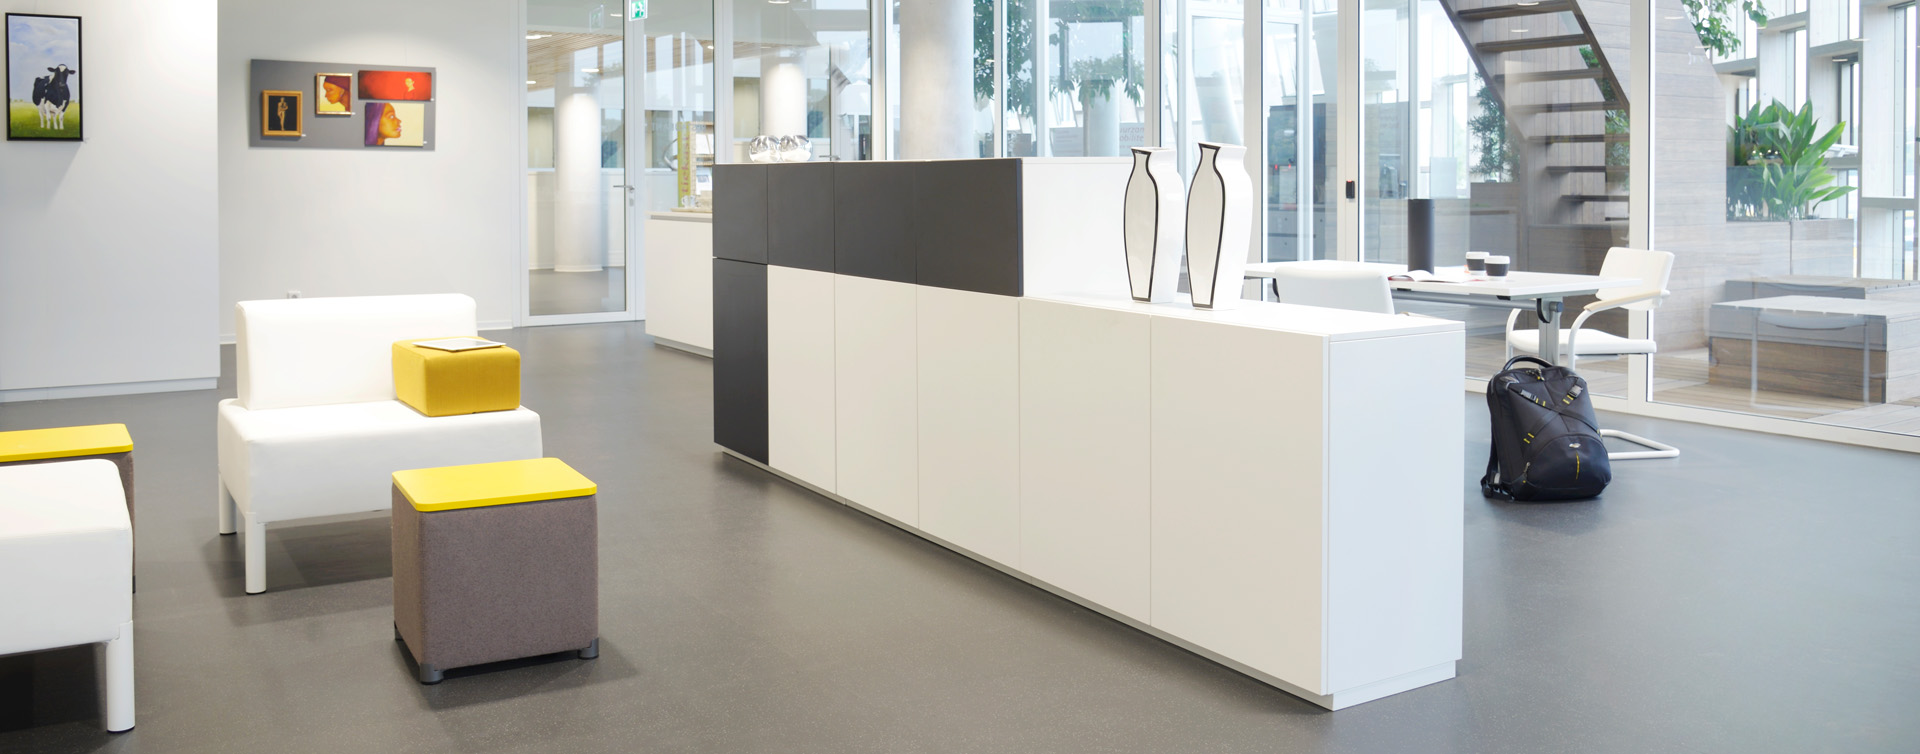 Vepa kantoormeubilair Den Haag Heering Office